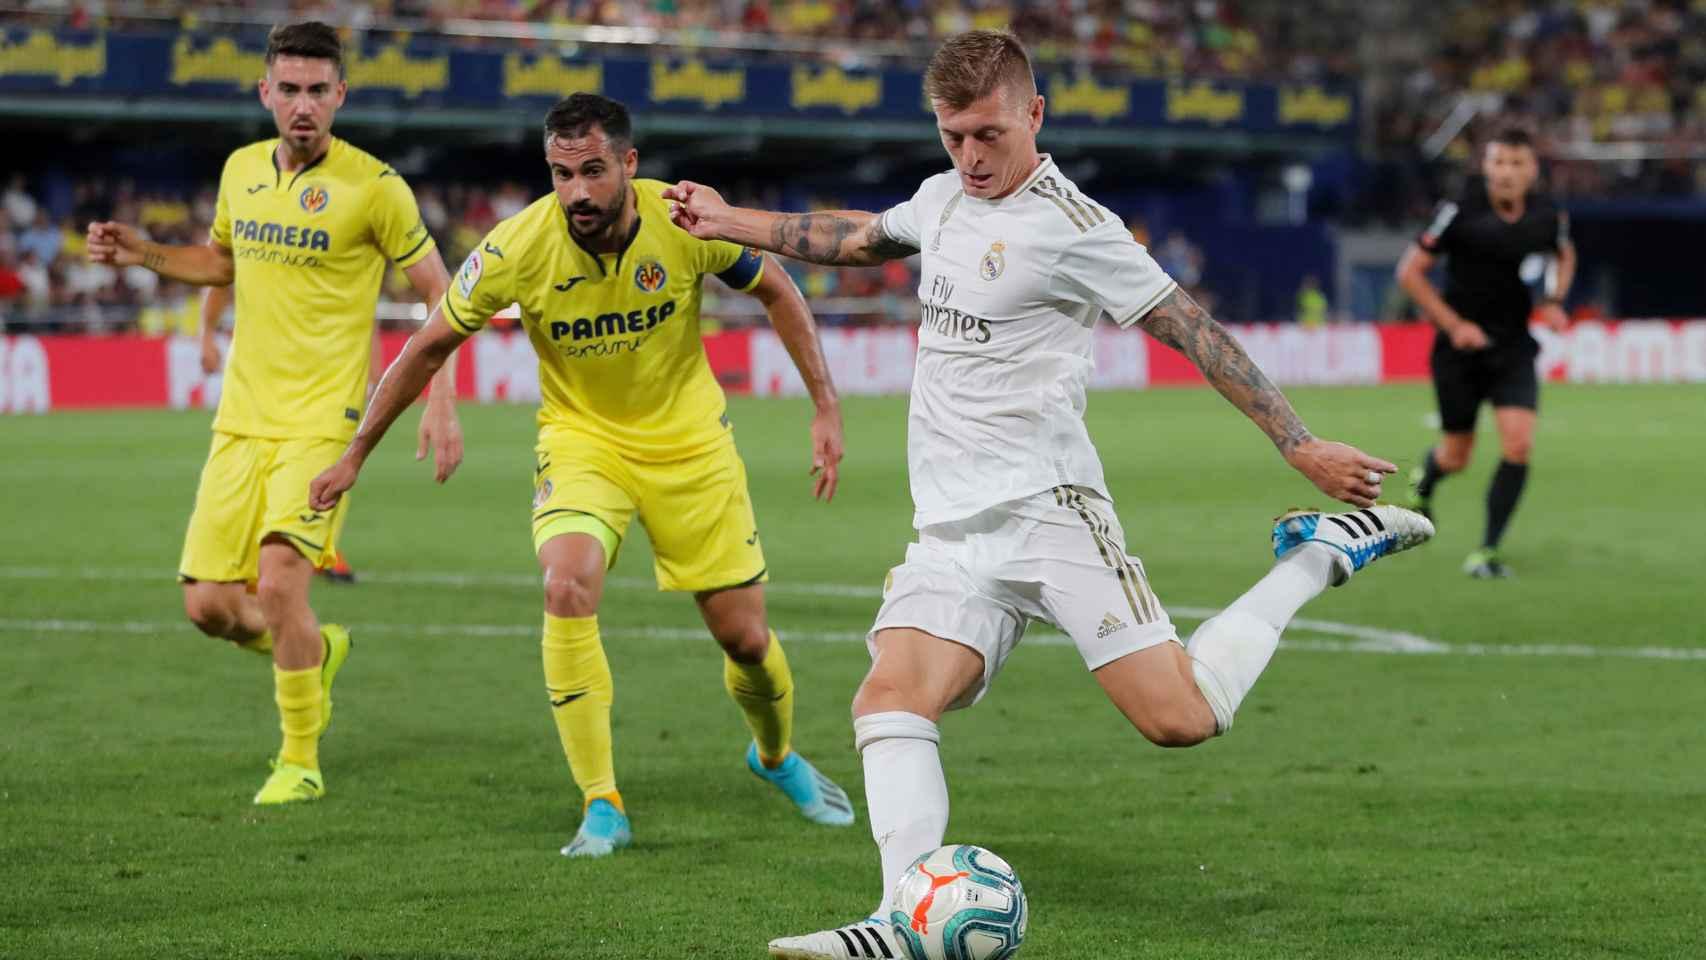 Toni Kroos dispara a portería en el Villarreal - Real Madrid